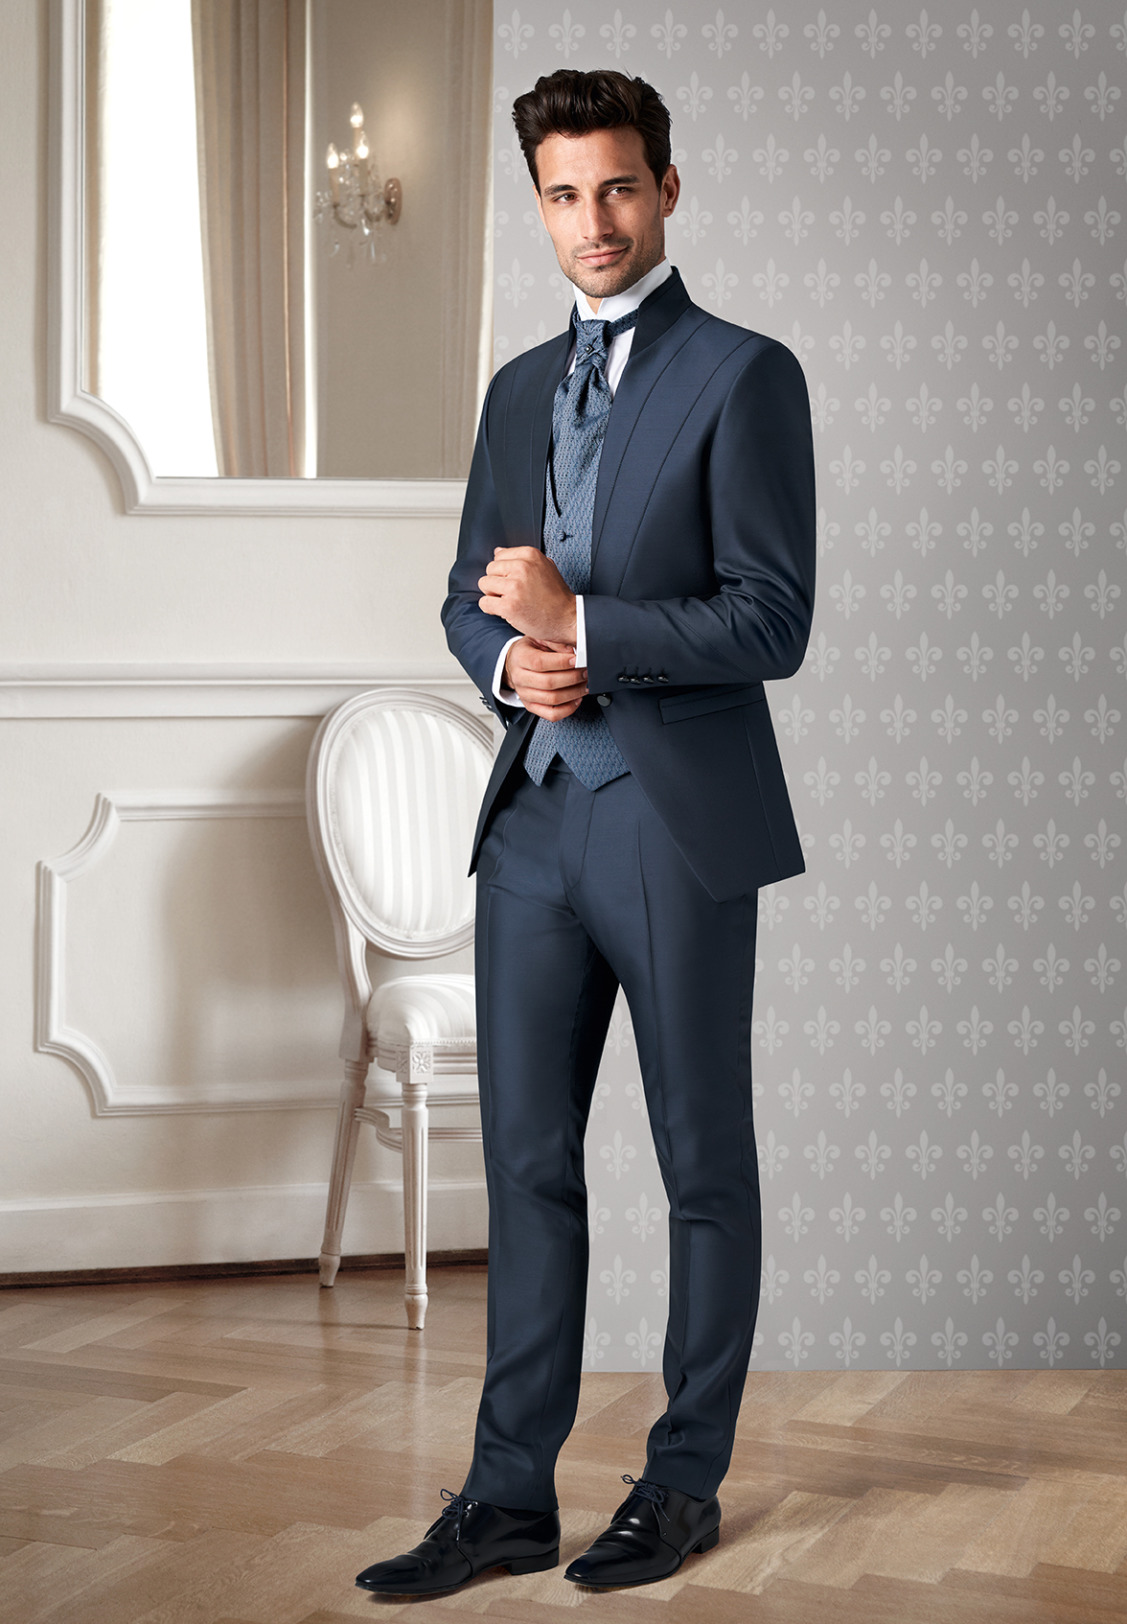 Wilvorst Tziacco Hochzeitsanzug Männer Mode Bräutigam extravagant mittelblau mit Ziernähten Stehkragen und gemusterter Weste Einknopf Jabot weisses Hemd